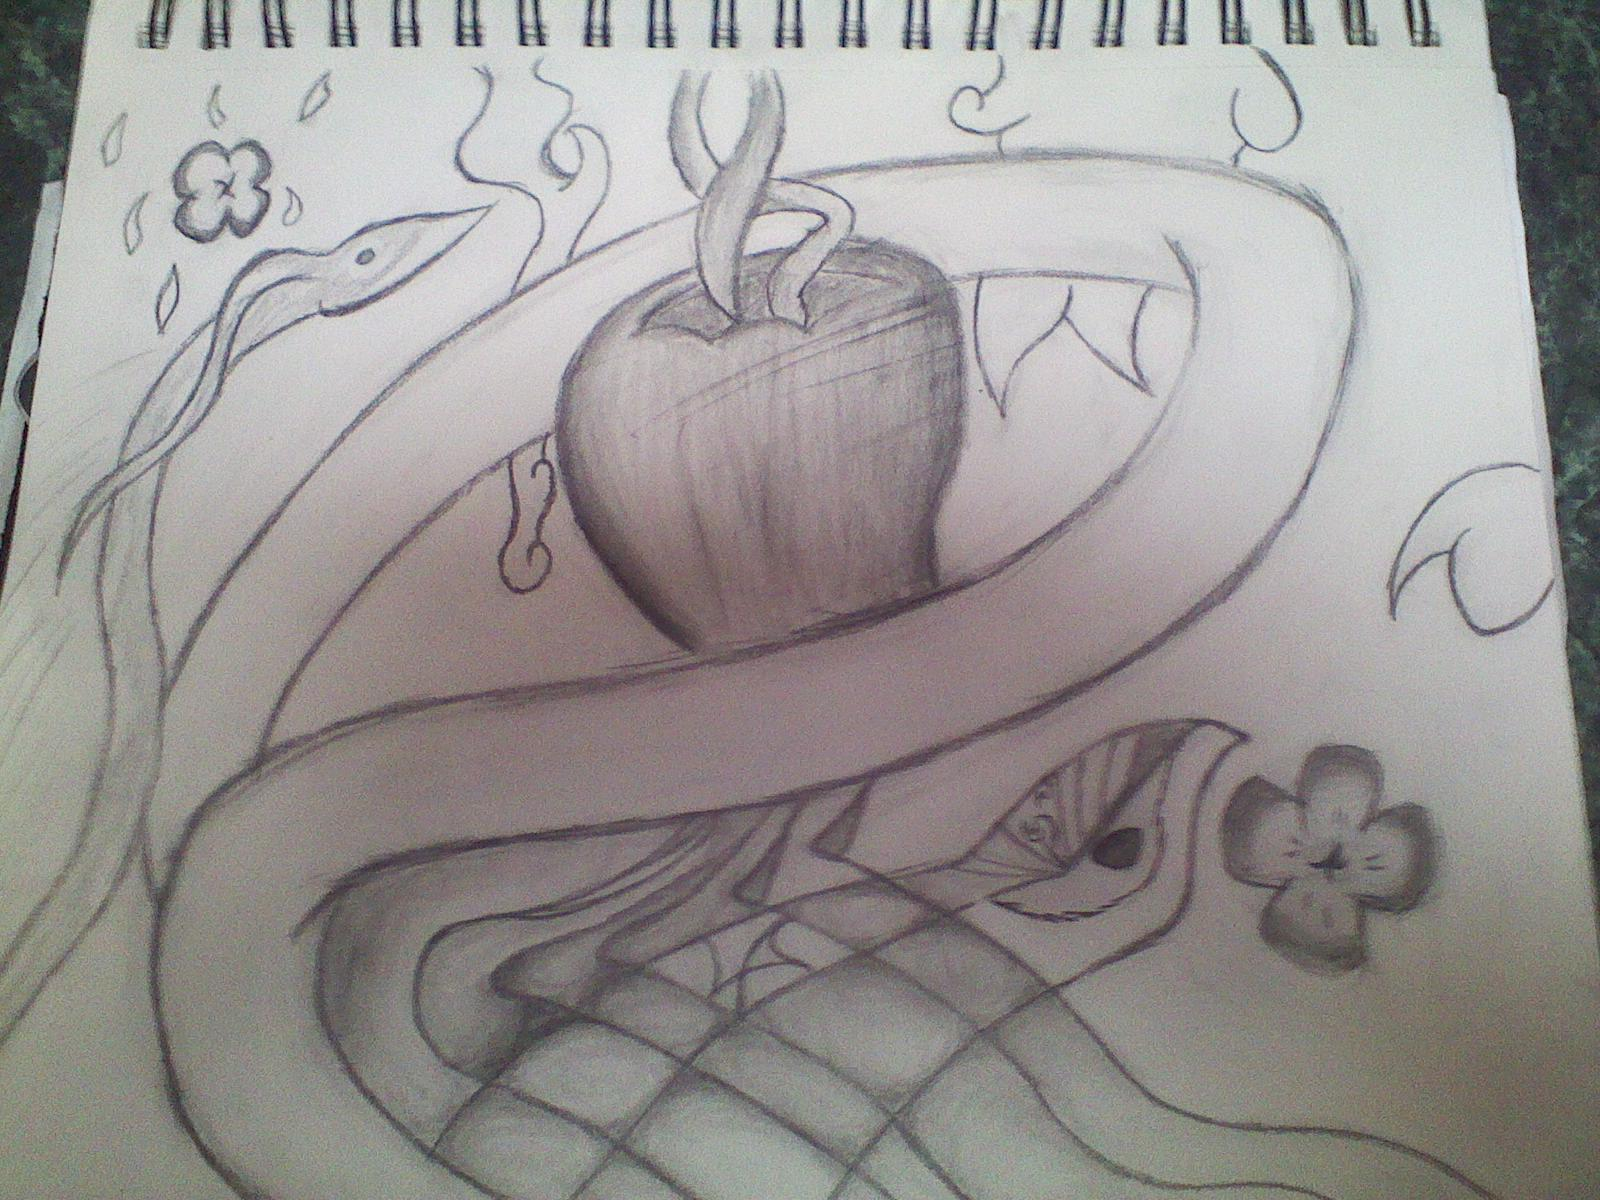 Bad Apple by Kuejena